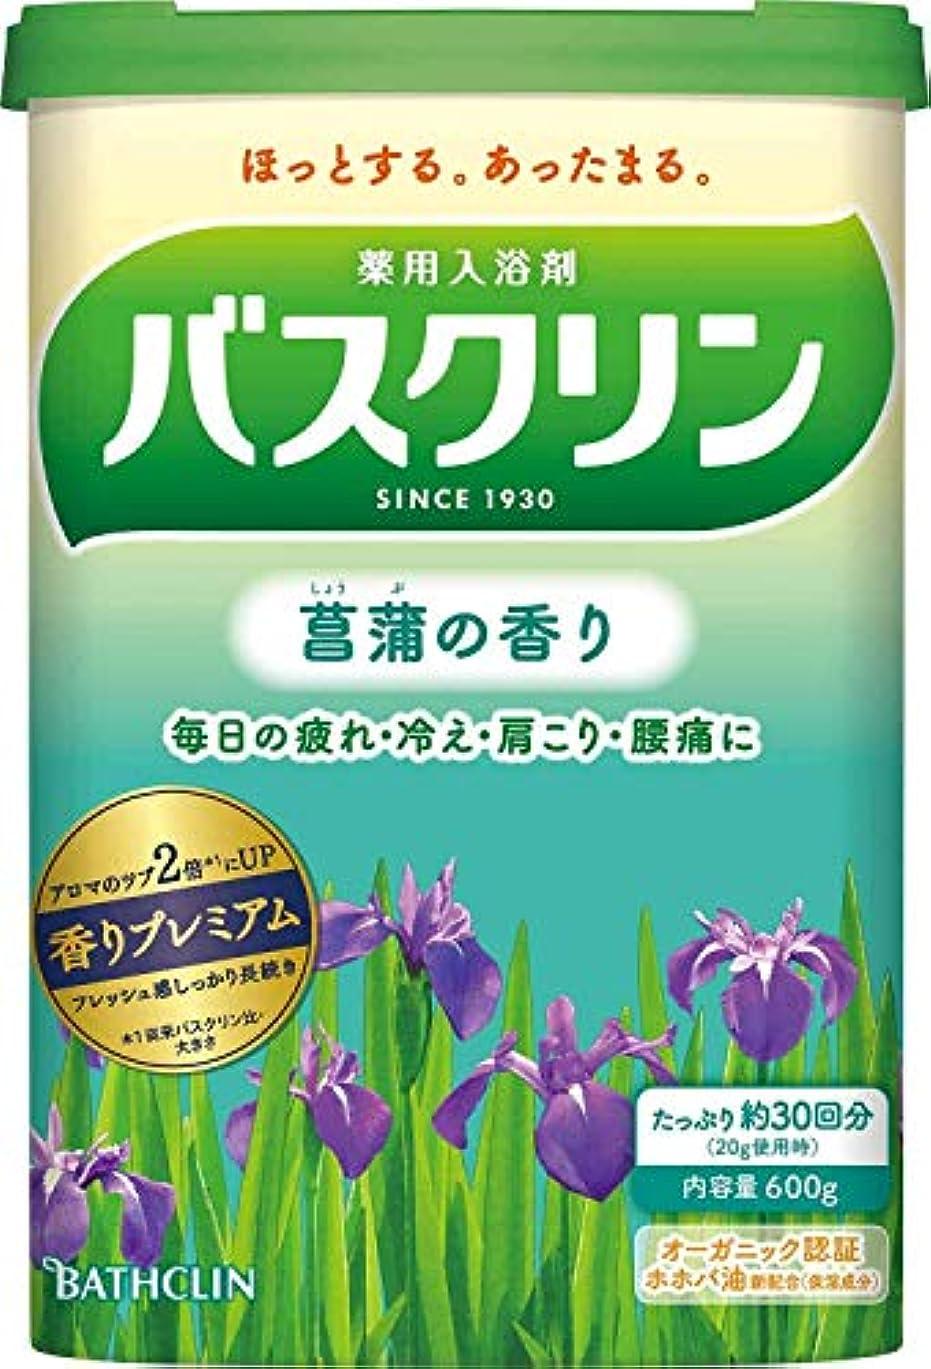 切断する医療過誤カリキュラム【医薬部外品】バスクリン菖蒲の香り600g入浴剤(約30回分)